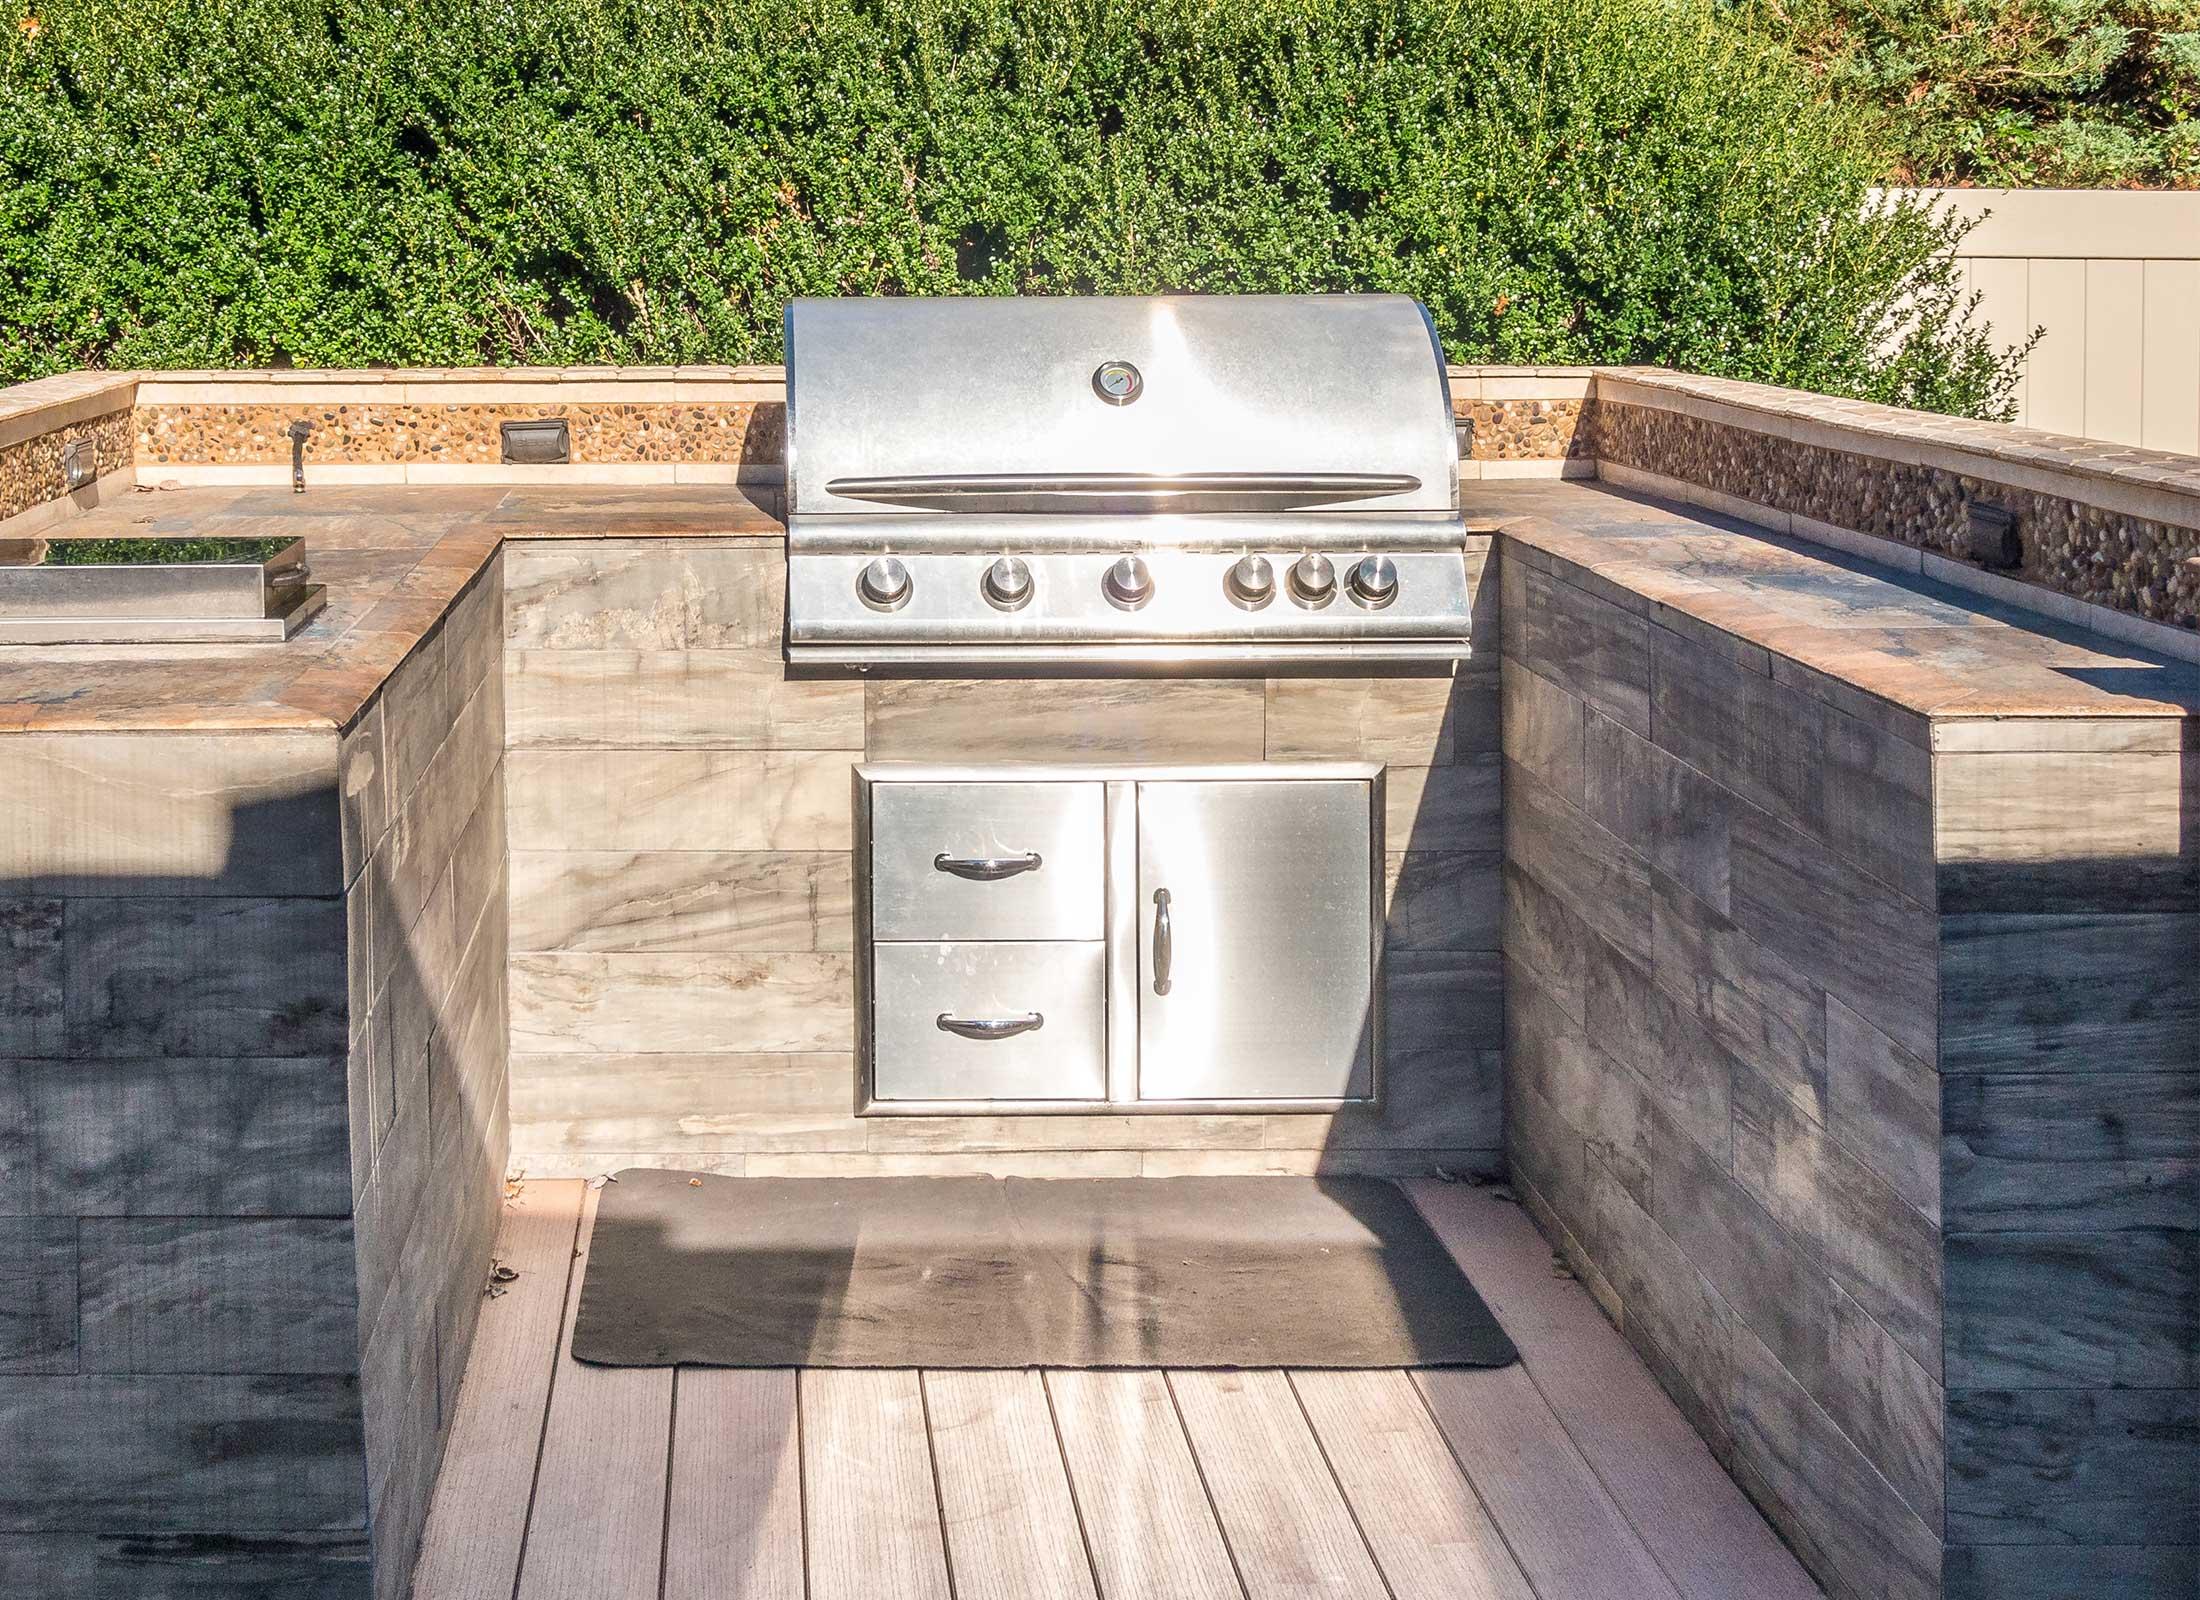 Full Size of Mobile Outdoorküche Outdoor Kchen Von Der Mindestausstattung Zur Luxusversion Küche Wohnzimmer Mobile Outdoorküche